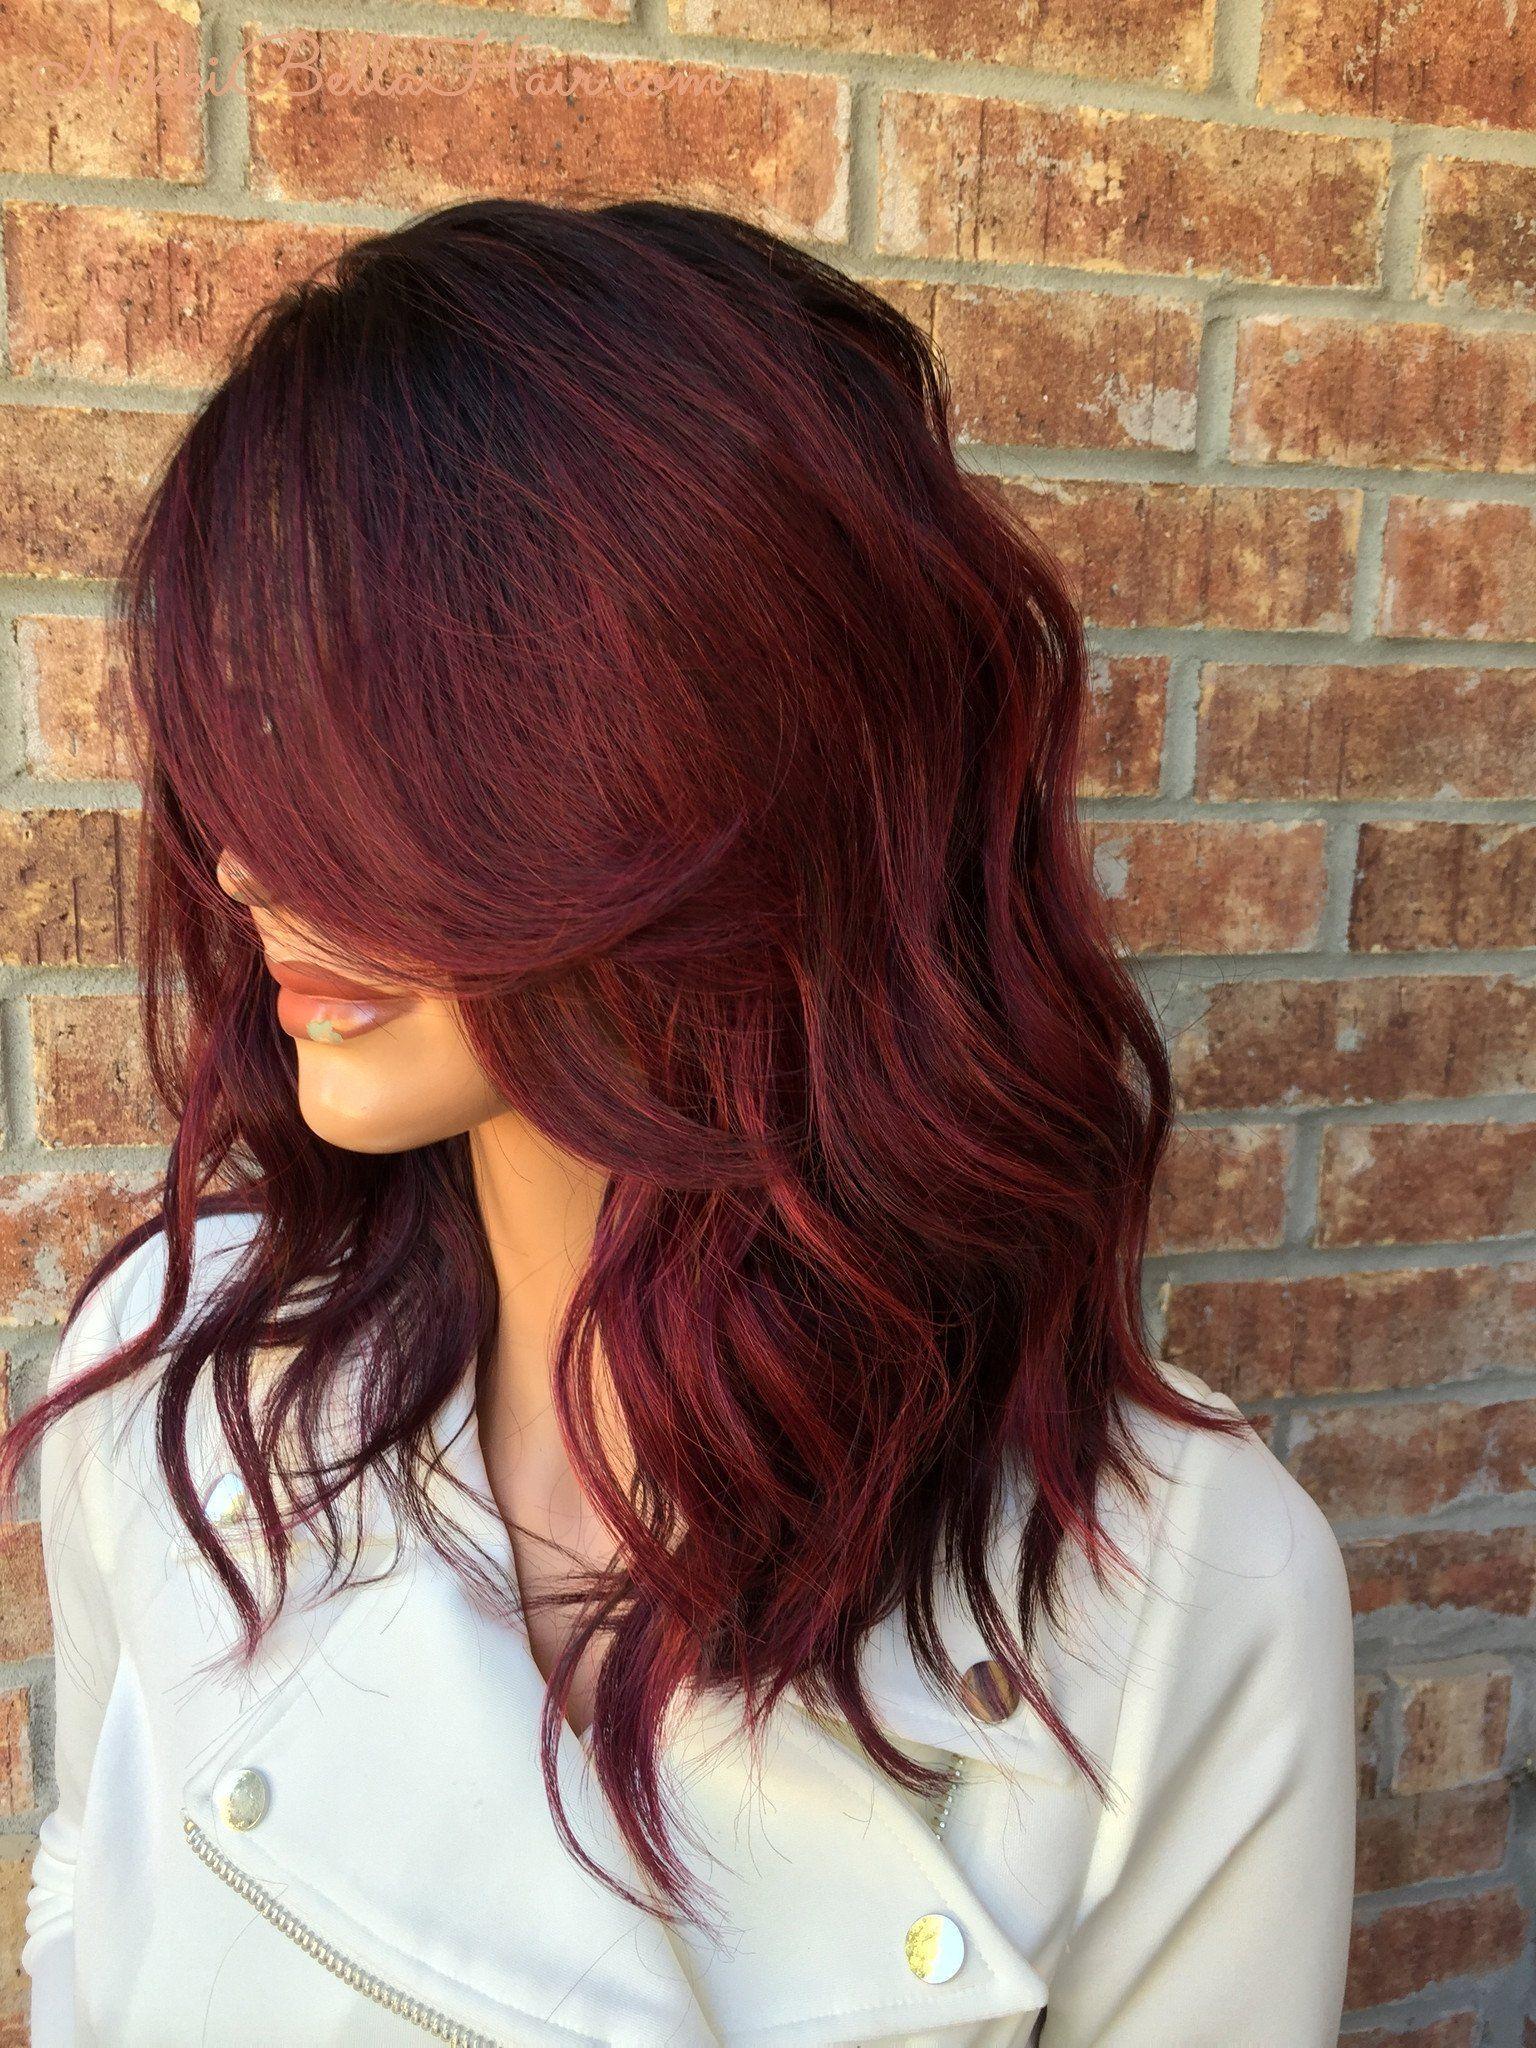 способы картинки коричнево красные волосы убитой согласились